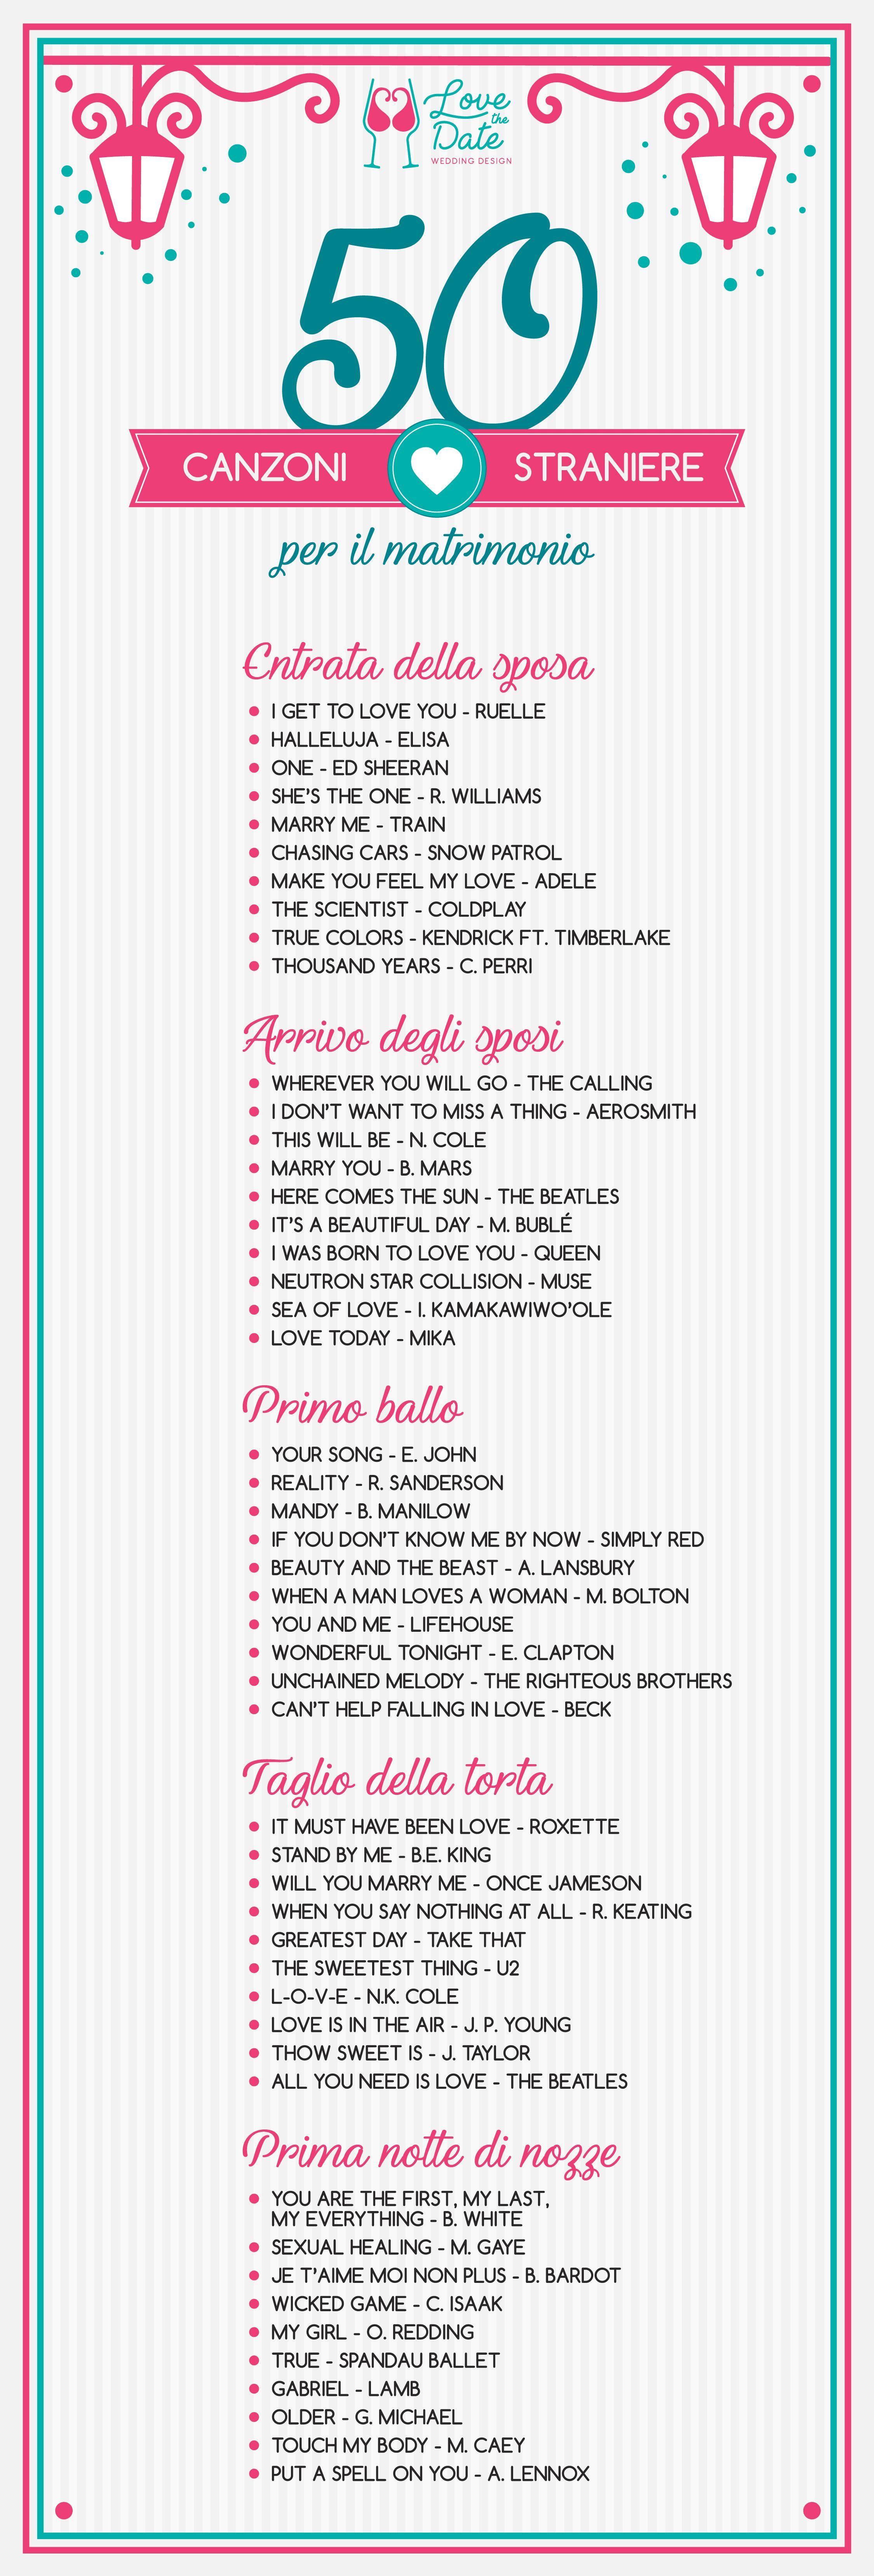 Lista Di 50 Canzoni D Amore Straniere Per Il Matrimonio Entrata Della Sposa Arrivo Degli Canzoni Per Matrimoni Intrattenimento Matrimonio Canzoni Matrimonio